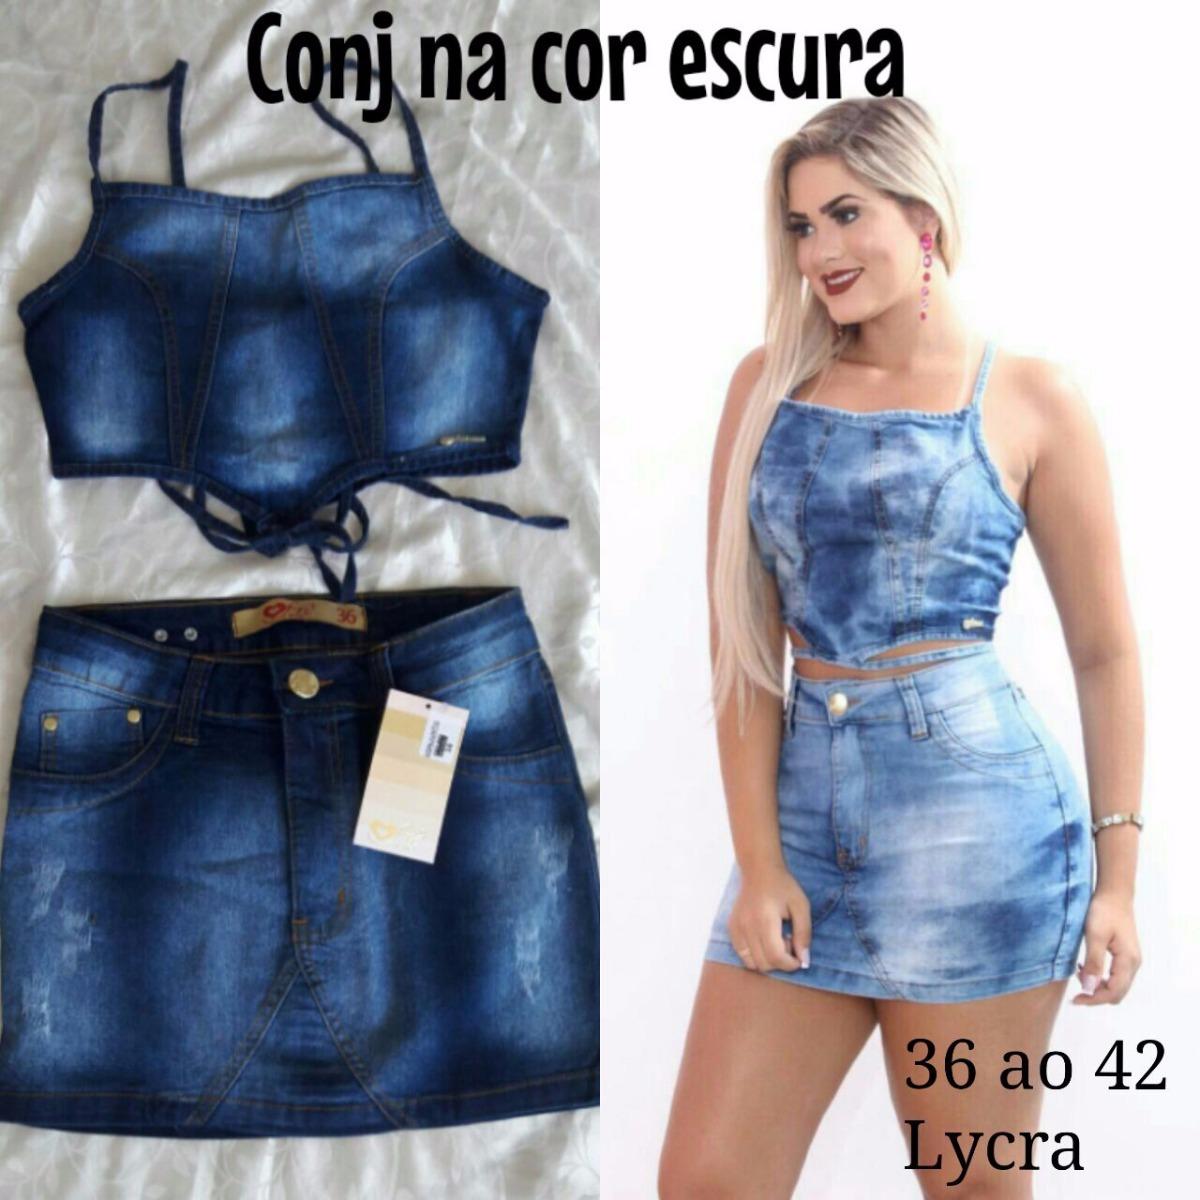 310216cc790ea Conjunto Jeans Saia E Cropped - R$ 149,90 em Mercado Livre